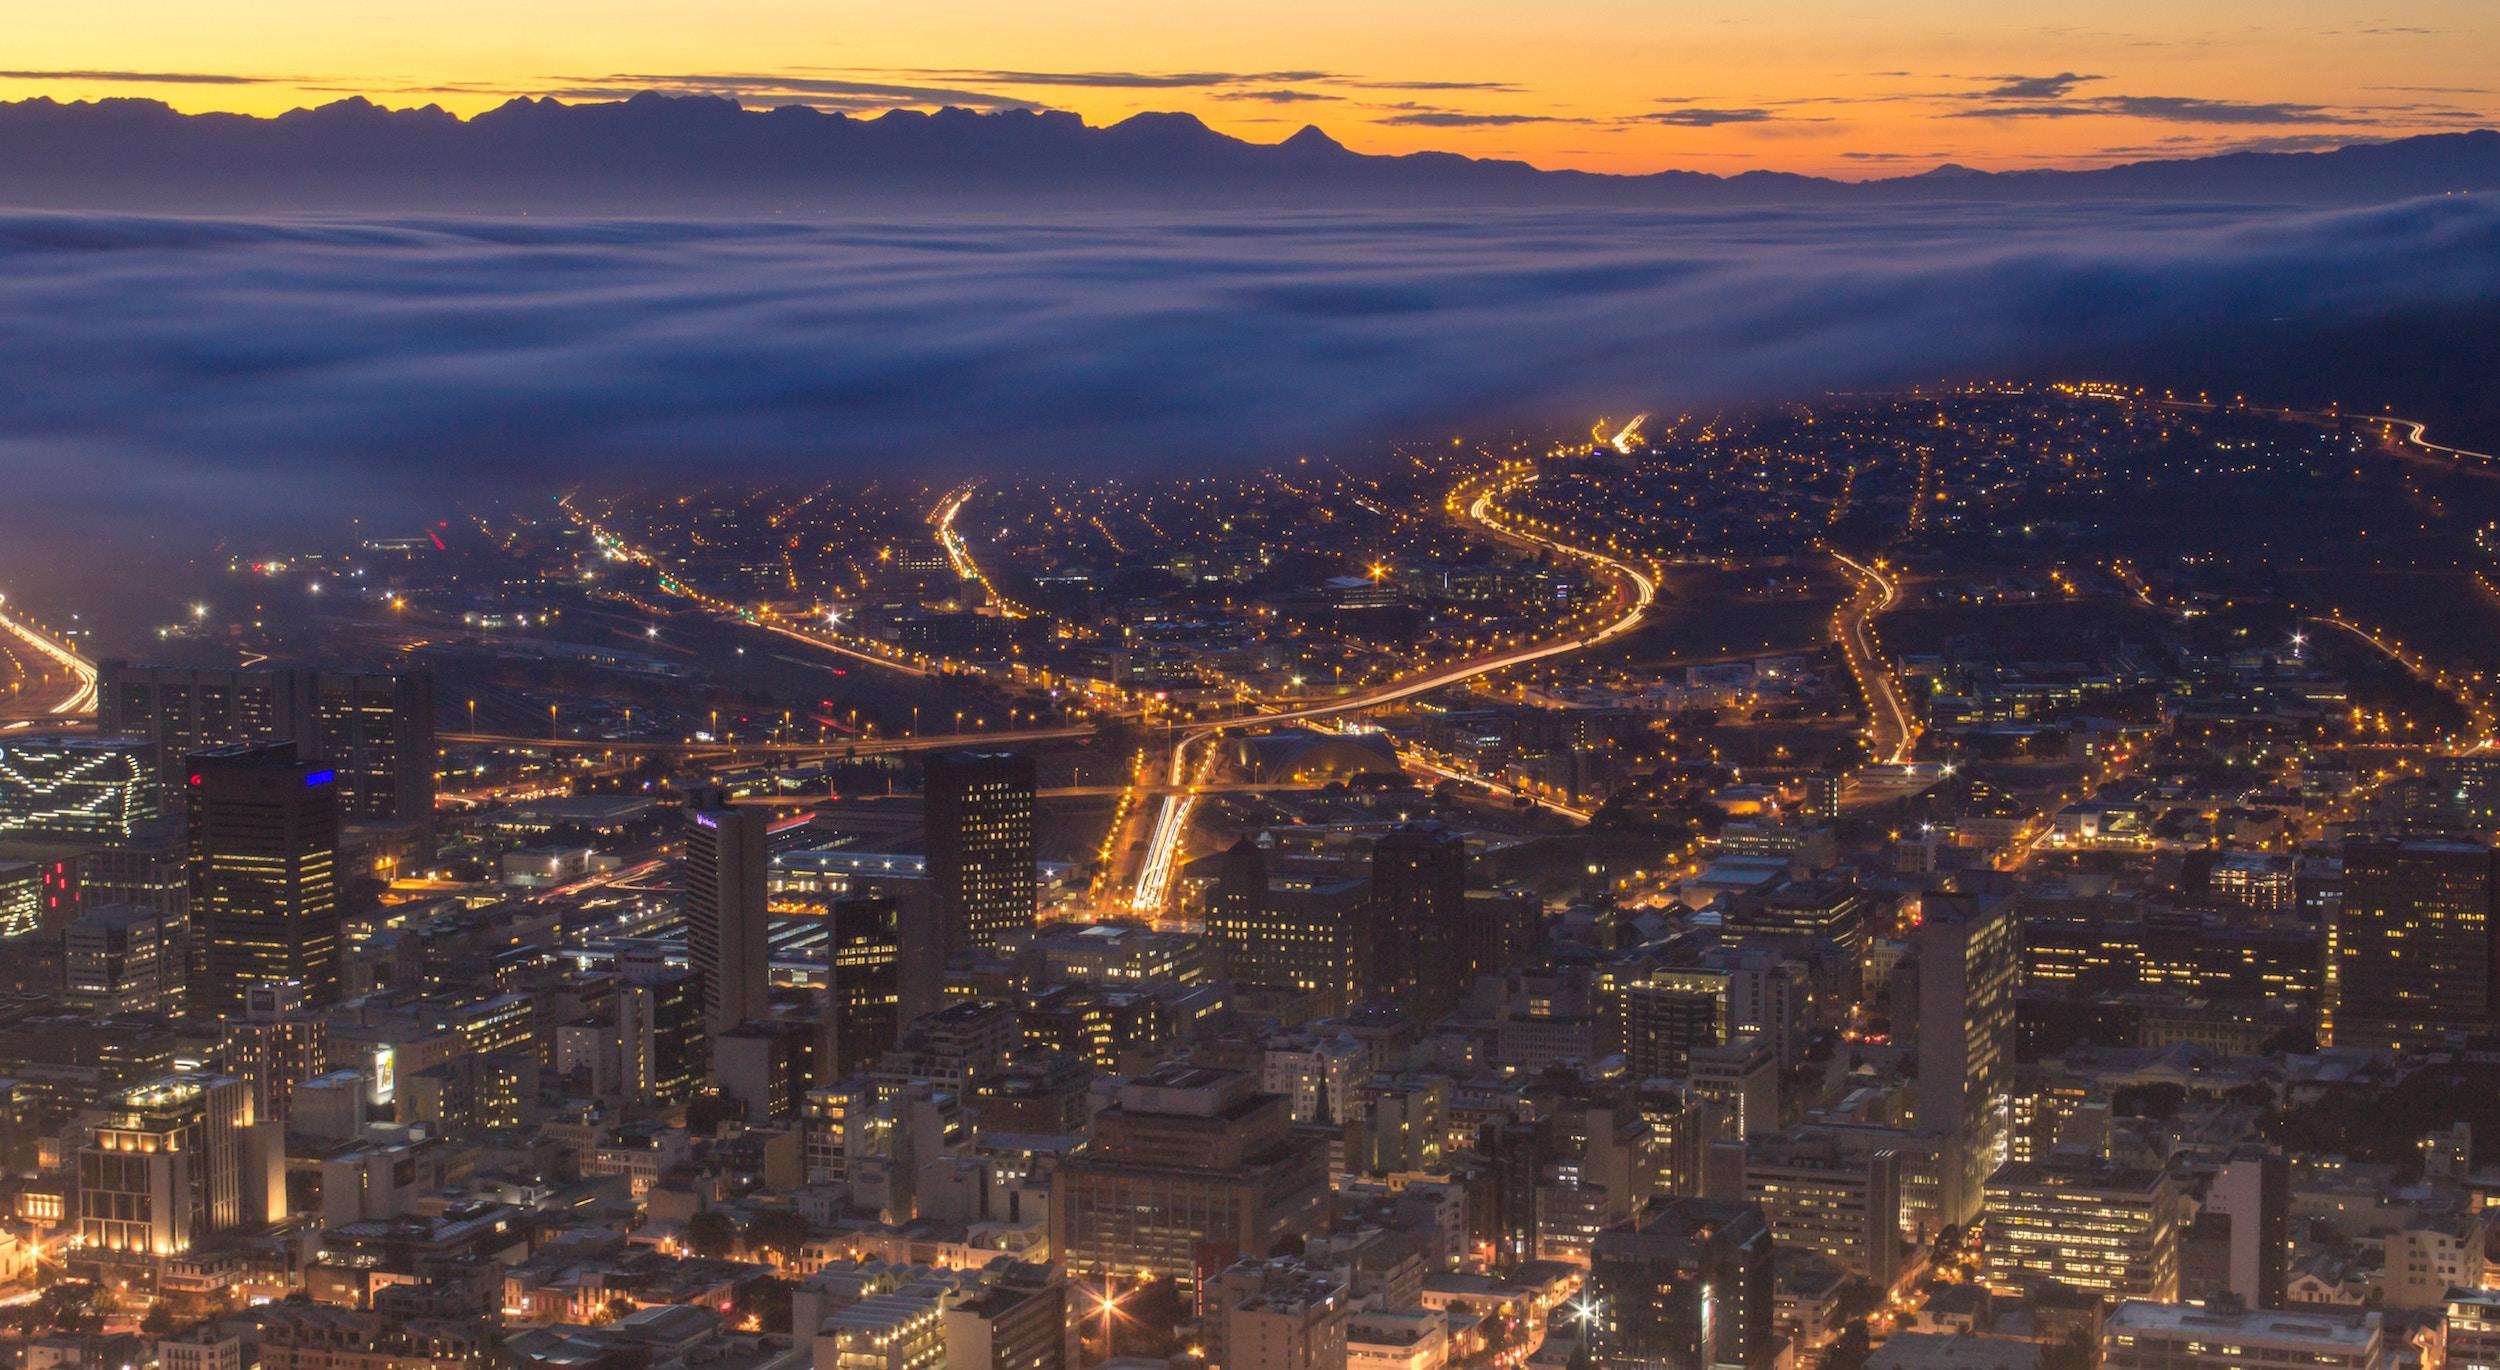 Kommen in Europas Sicht nicht vor, die afrikanischen Metropolen. © Marlin Jackson / Unsplash.com